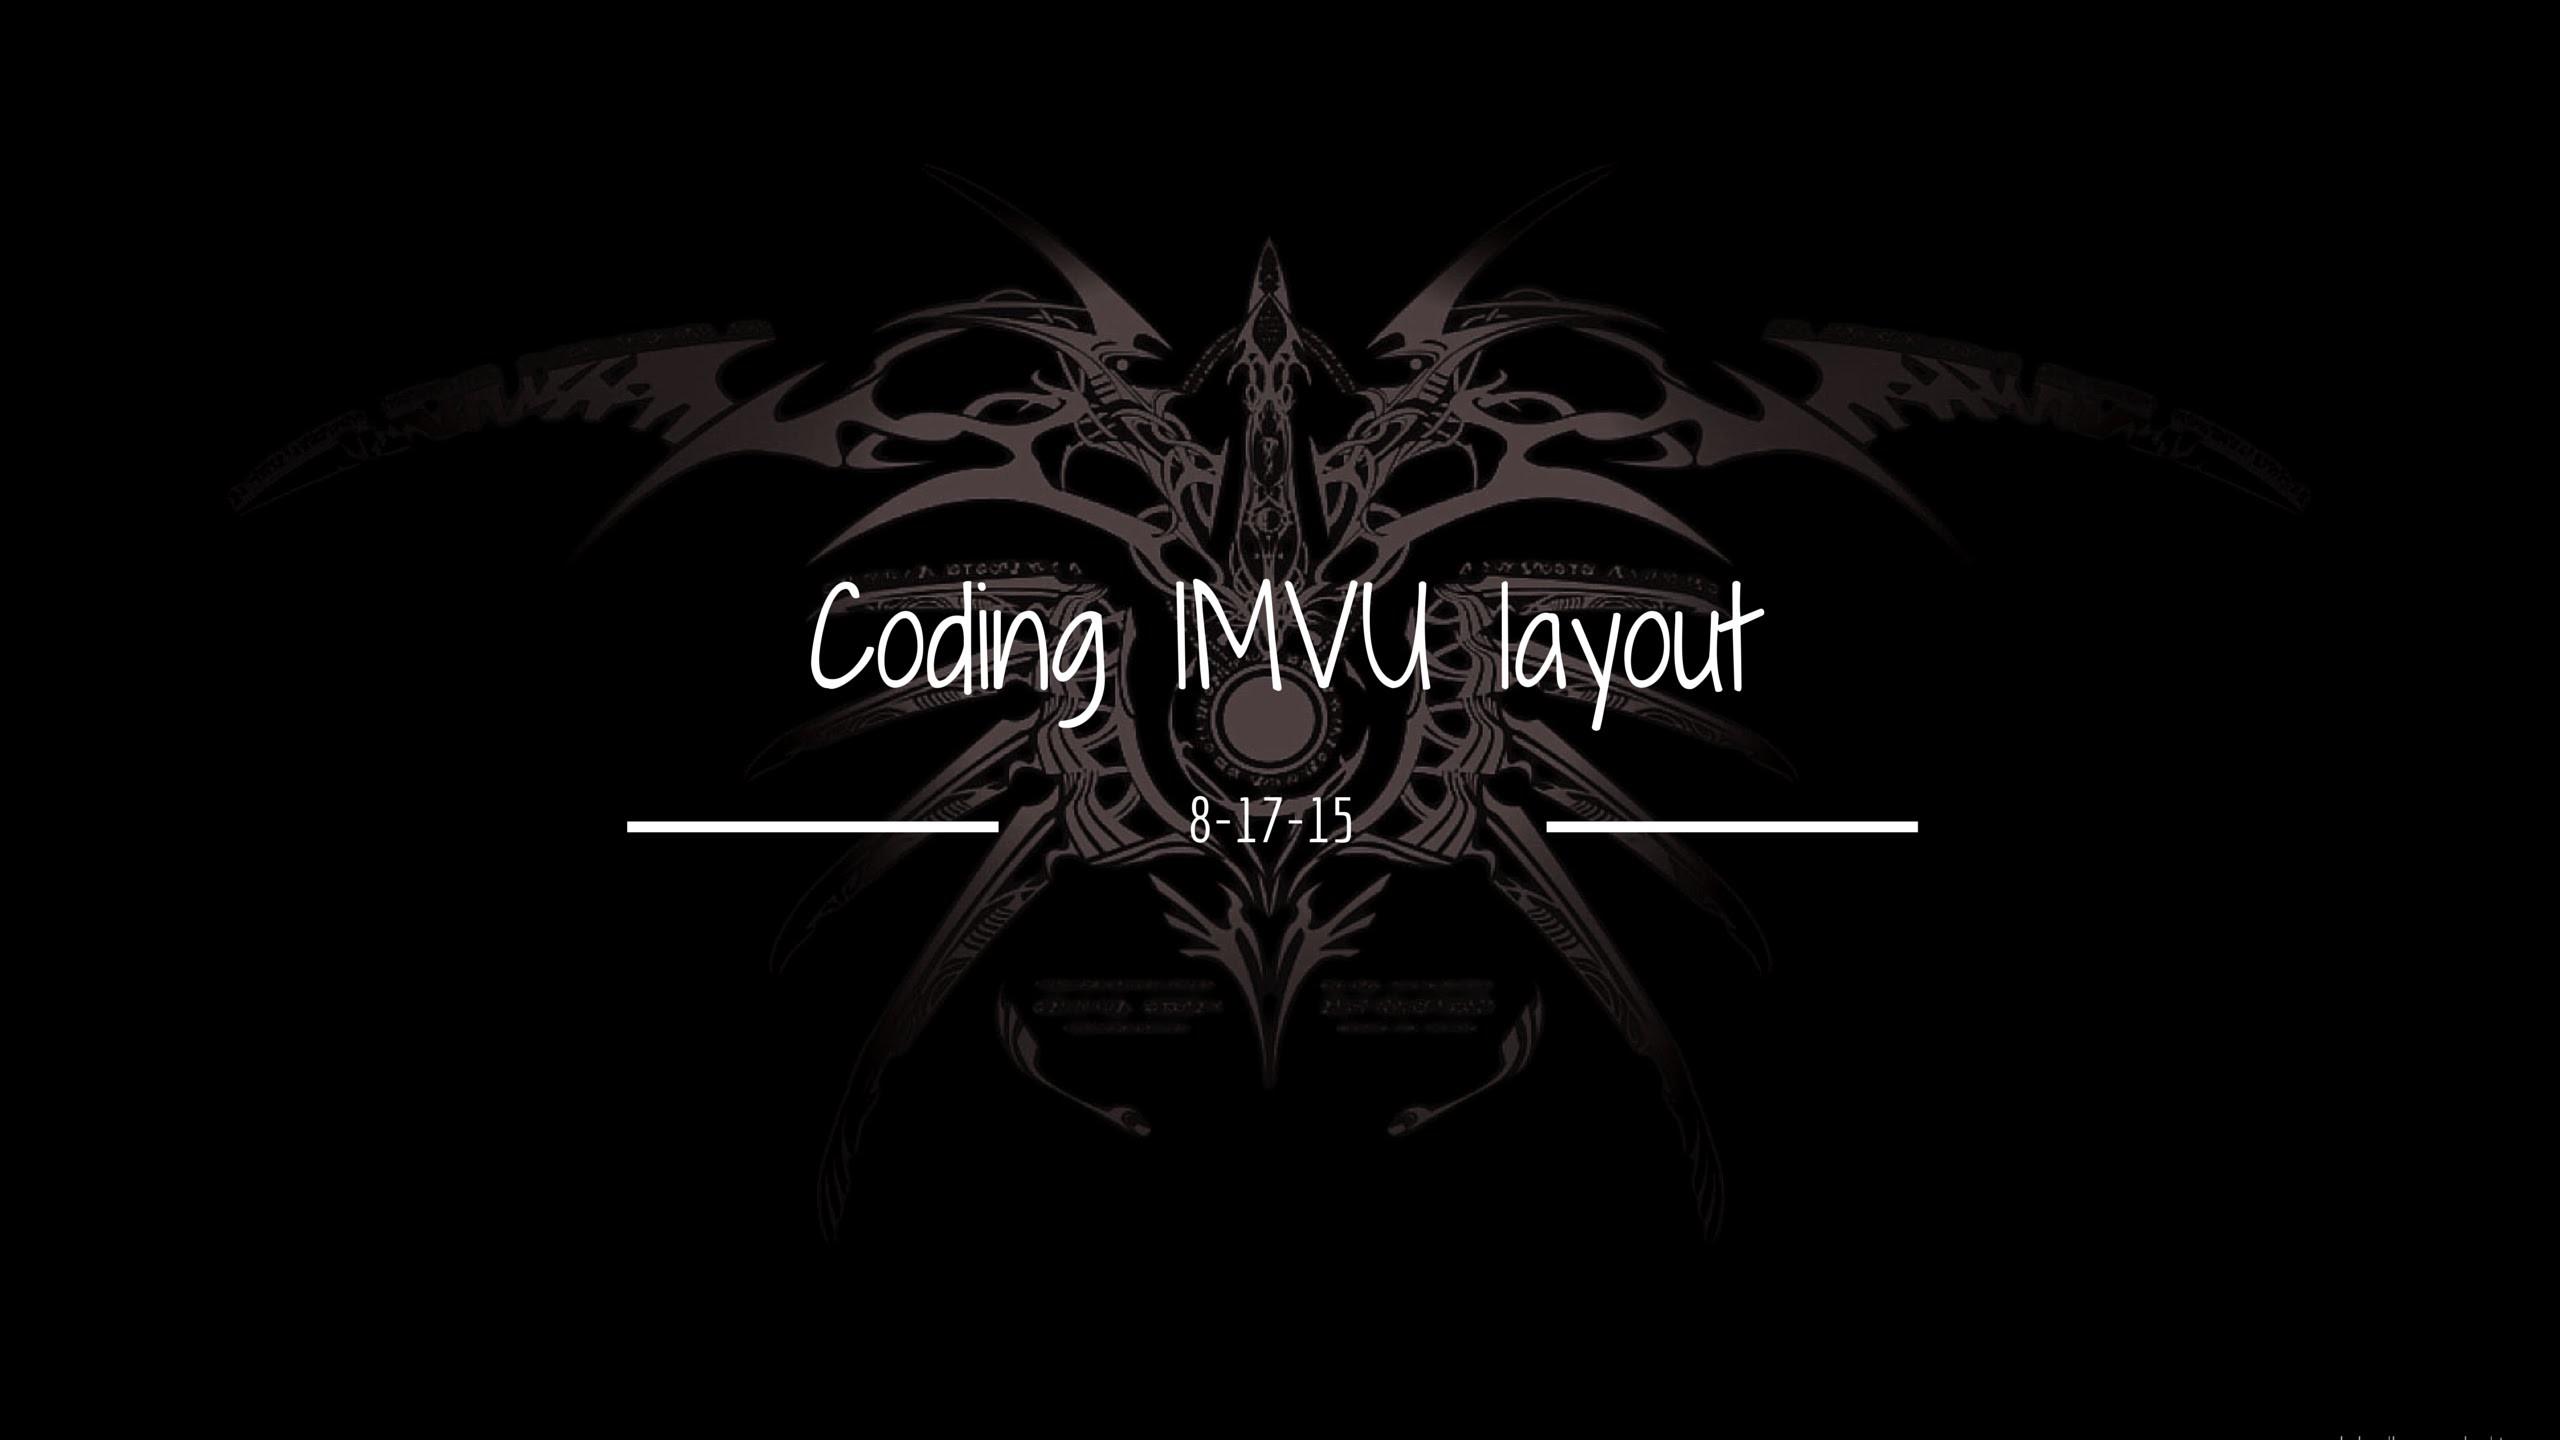 Imvu Backgrounds (36+ images)